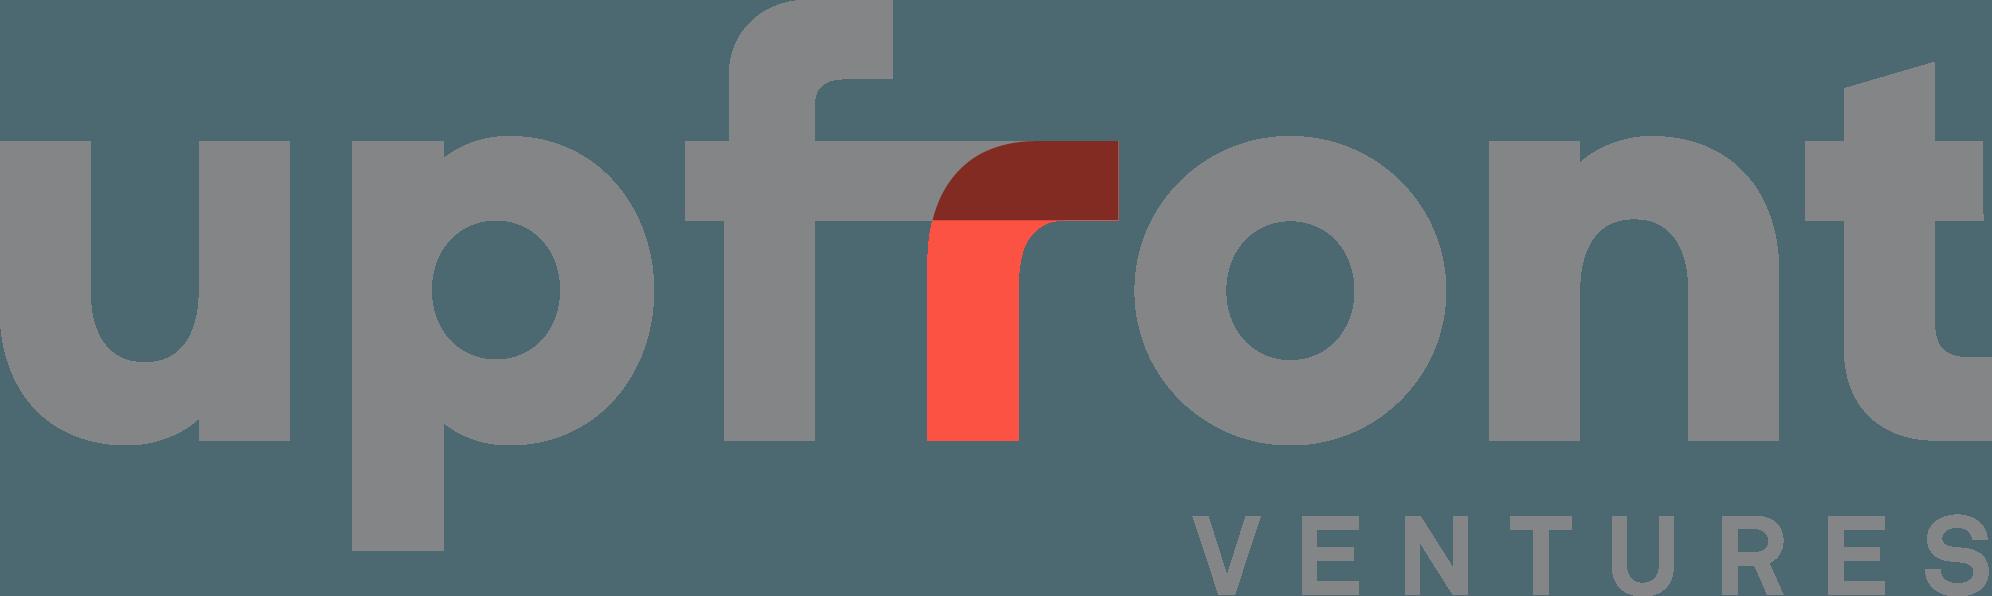 upfront-ventures.png